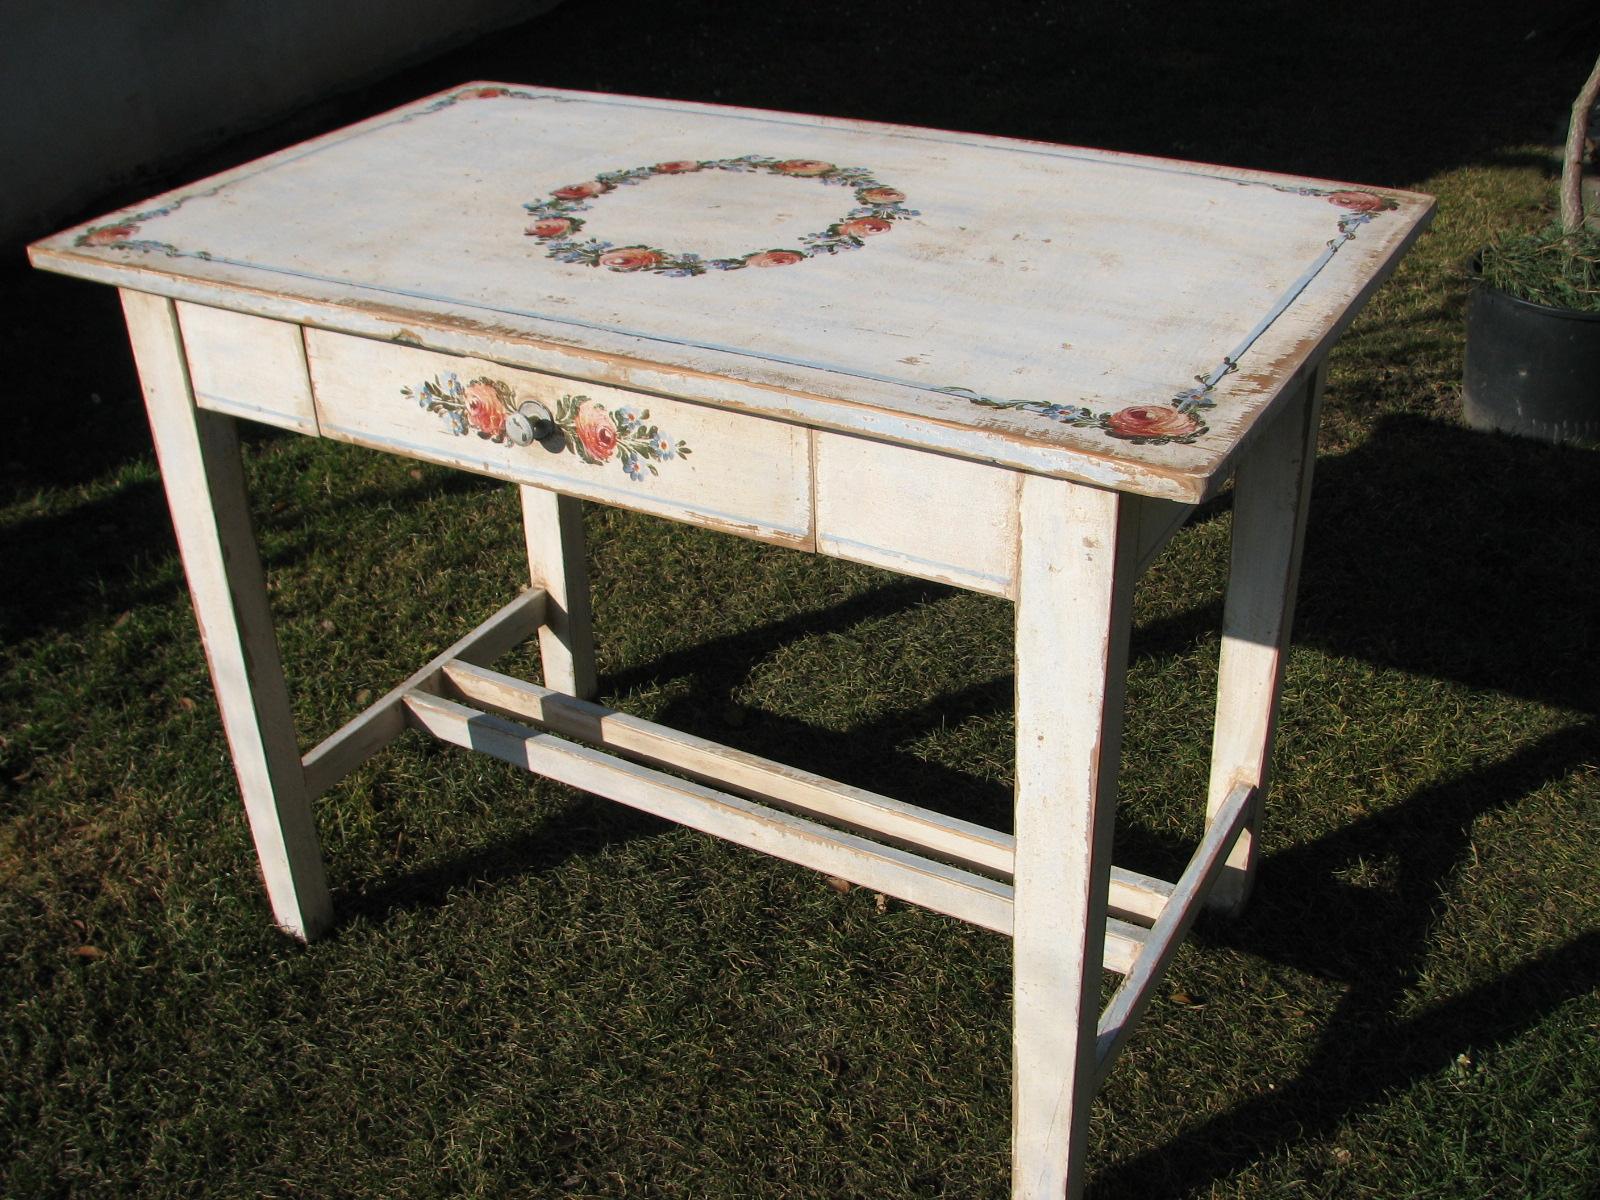 Bílý malovaný stůl a židle - nábytkový komplet 2